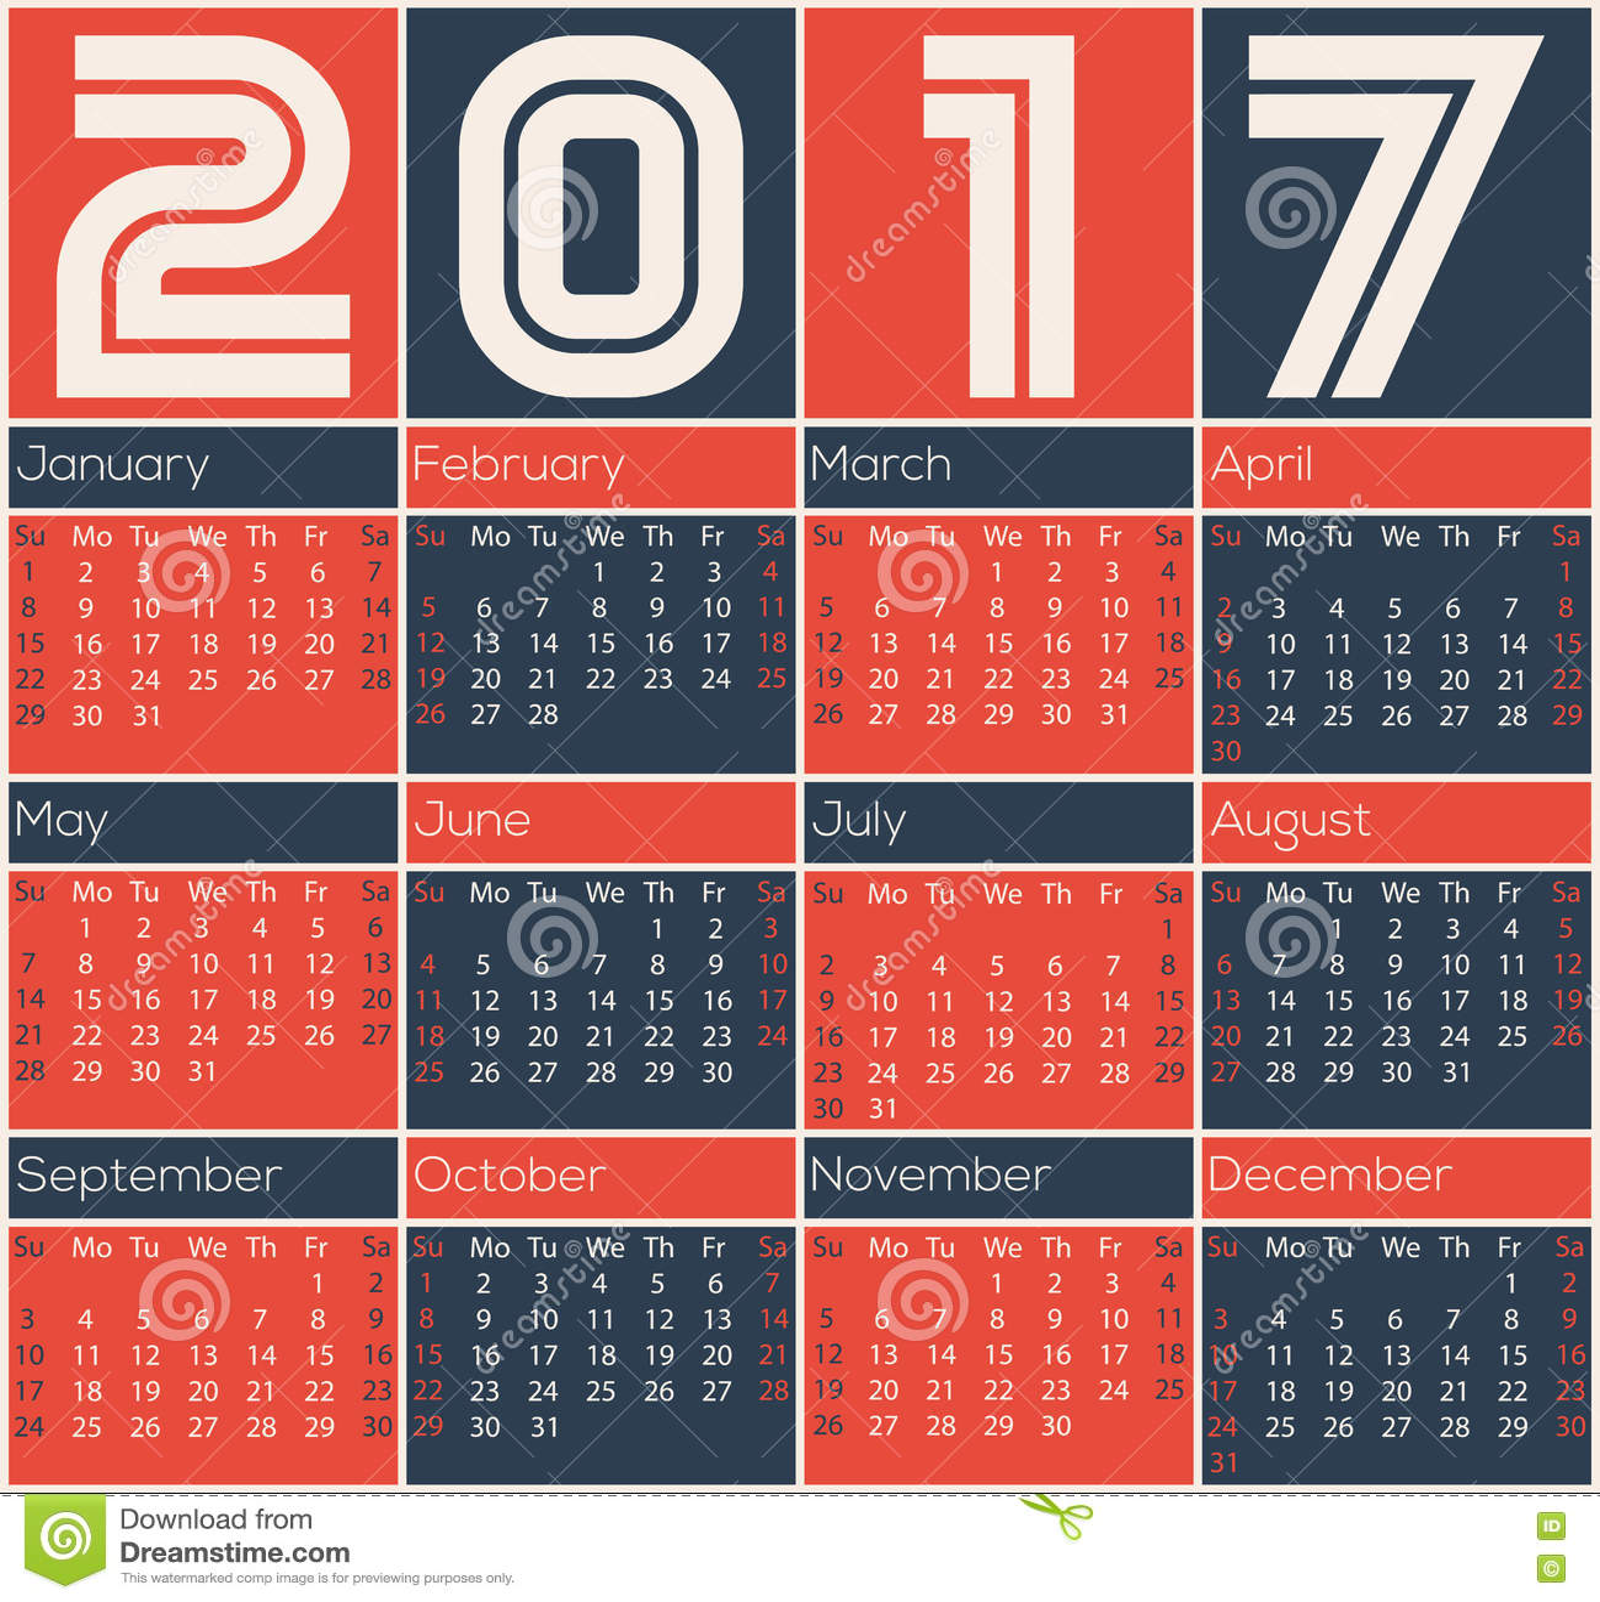 Minimalistic Calendar Design : Simple calendar design stock vector image